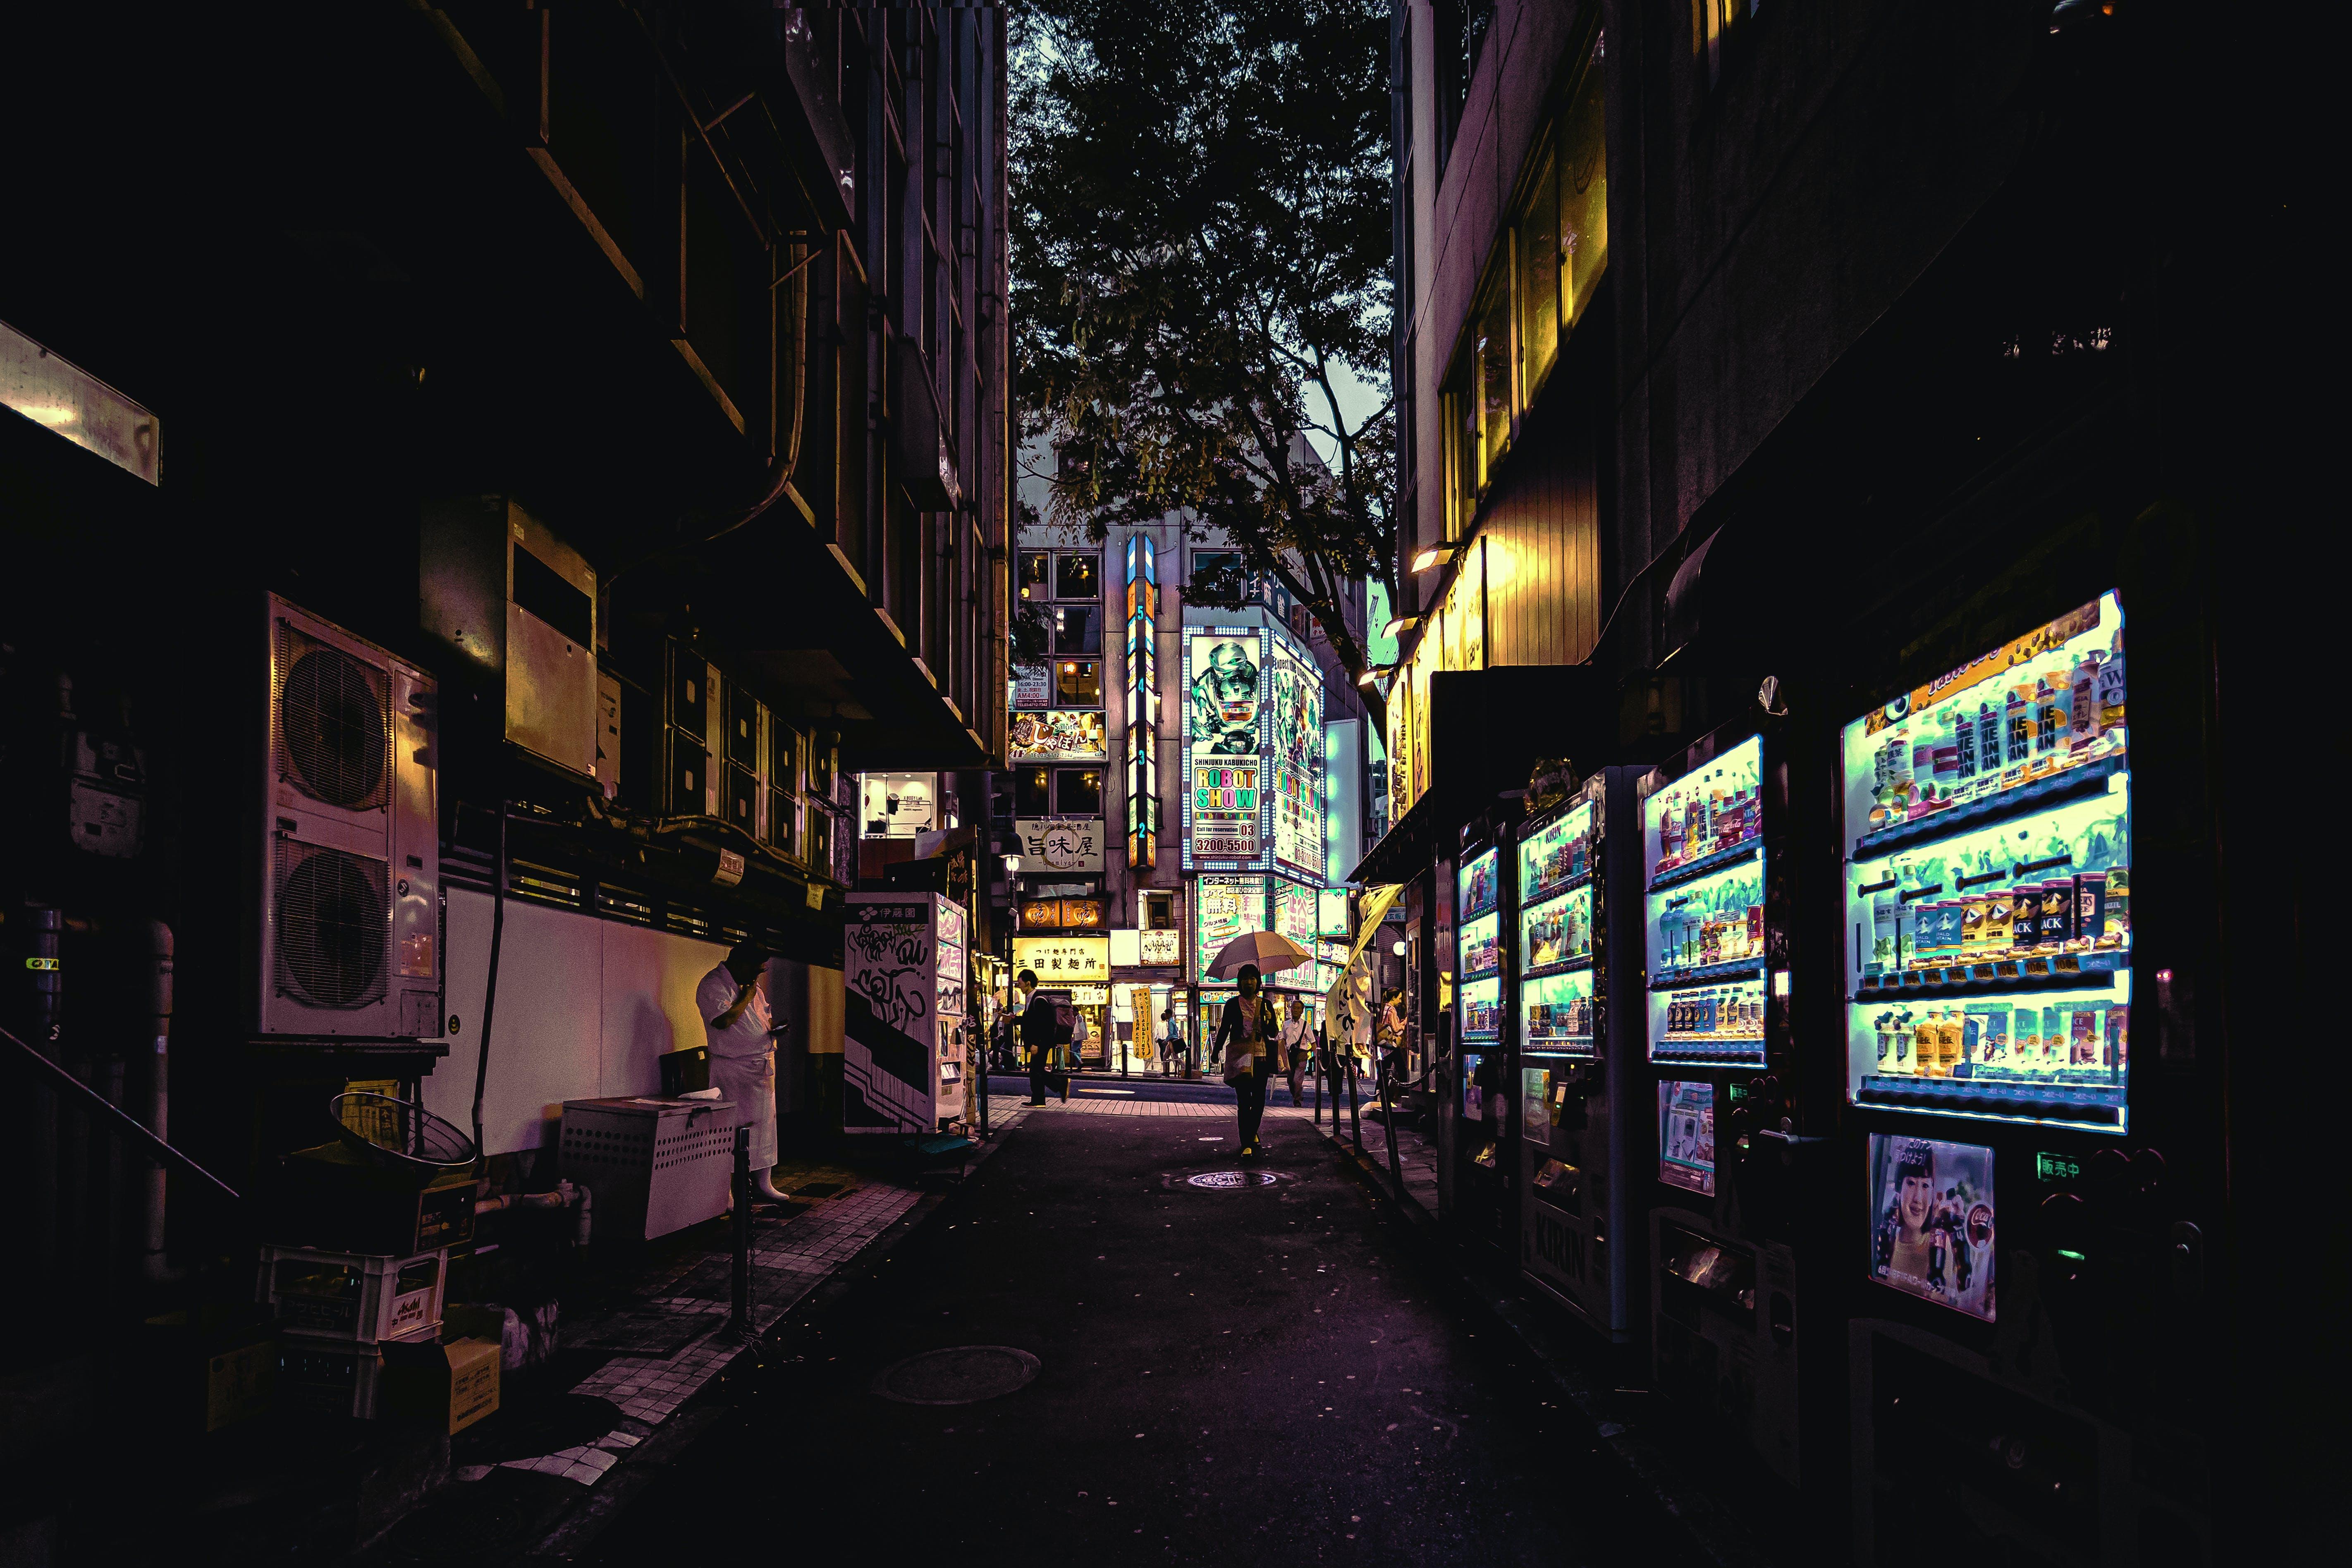 Kostenloses Stock Foto zu abend, architektur, beleuchtet, bürgersteig